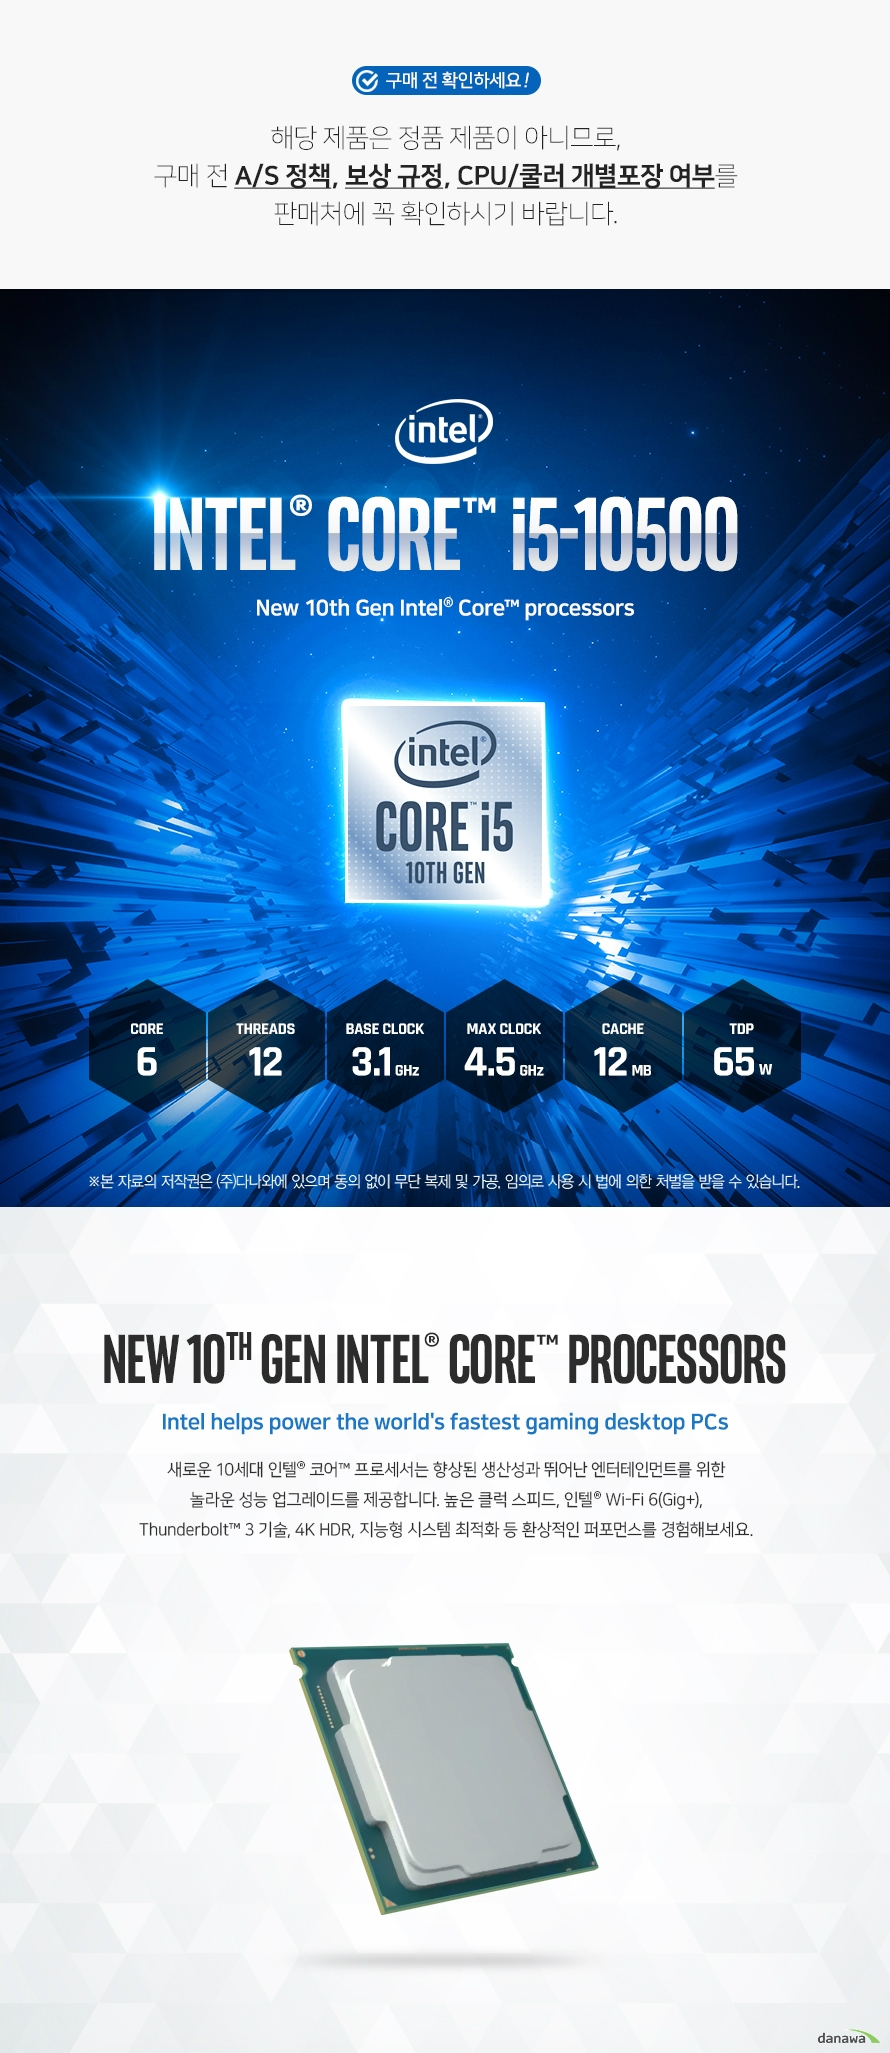 새로운 10세대 인텔 코어 프로세서는 향상된 생산성과 뛰어난 엔터테인먼트를 위한  놀라운 성능 업그레이드를 제공합니다. 높은 클럭 스피드, 인텔 Wi-Fi 6(Gig+),  Thunderbolt™ 3 기술, 4K HDR, 지능형 시스템 최적화 등 환상적인 퍼포먼스를 경험해보세요.  환상적인 게임 내 경험을 원하는 게이머, 제작과 공유는 더 많이 하려는 제작자  모두에게 이 새로운 세대의 프로세서는 새로운 차원의 성능을 선사합니다.  듀얼 채널 DDR4 메모리를 지원하여 기존 DDR3 메모리에 비해 향상된 빨라진 성능과 전력 효율 상승 효과로 최상의 성능 및 환경을 제공합니다.  내장 그래픽 성능을 대폭 늘려 4K 초고해상도 영상을 60프레임으로 감상하실 수 있습니다.  선명한 화질과 화사한 색감으로 퀄리티 있는 디스플레이 환경을 제공합니다.  낮은 부하의 작업 시 자동으로 하나의 코어 속도를 높여 동작 속도를 빠르게 합니다. 고성능을 요구하는 작업에서 더욱 강력한 연산 능력을 제공합니다.  물리적 코어당 2개의 처리 스레드를 제공합니다. 스레드를 많이 활용하는 응용 프로그램 일수록 동시에 작업을 수행할 수 있기 때문에 작업 효율이 증가합니다.